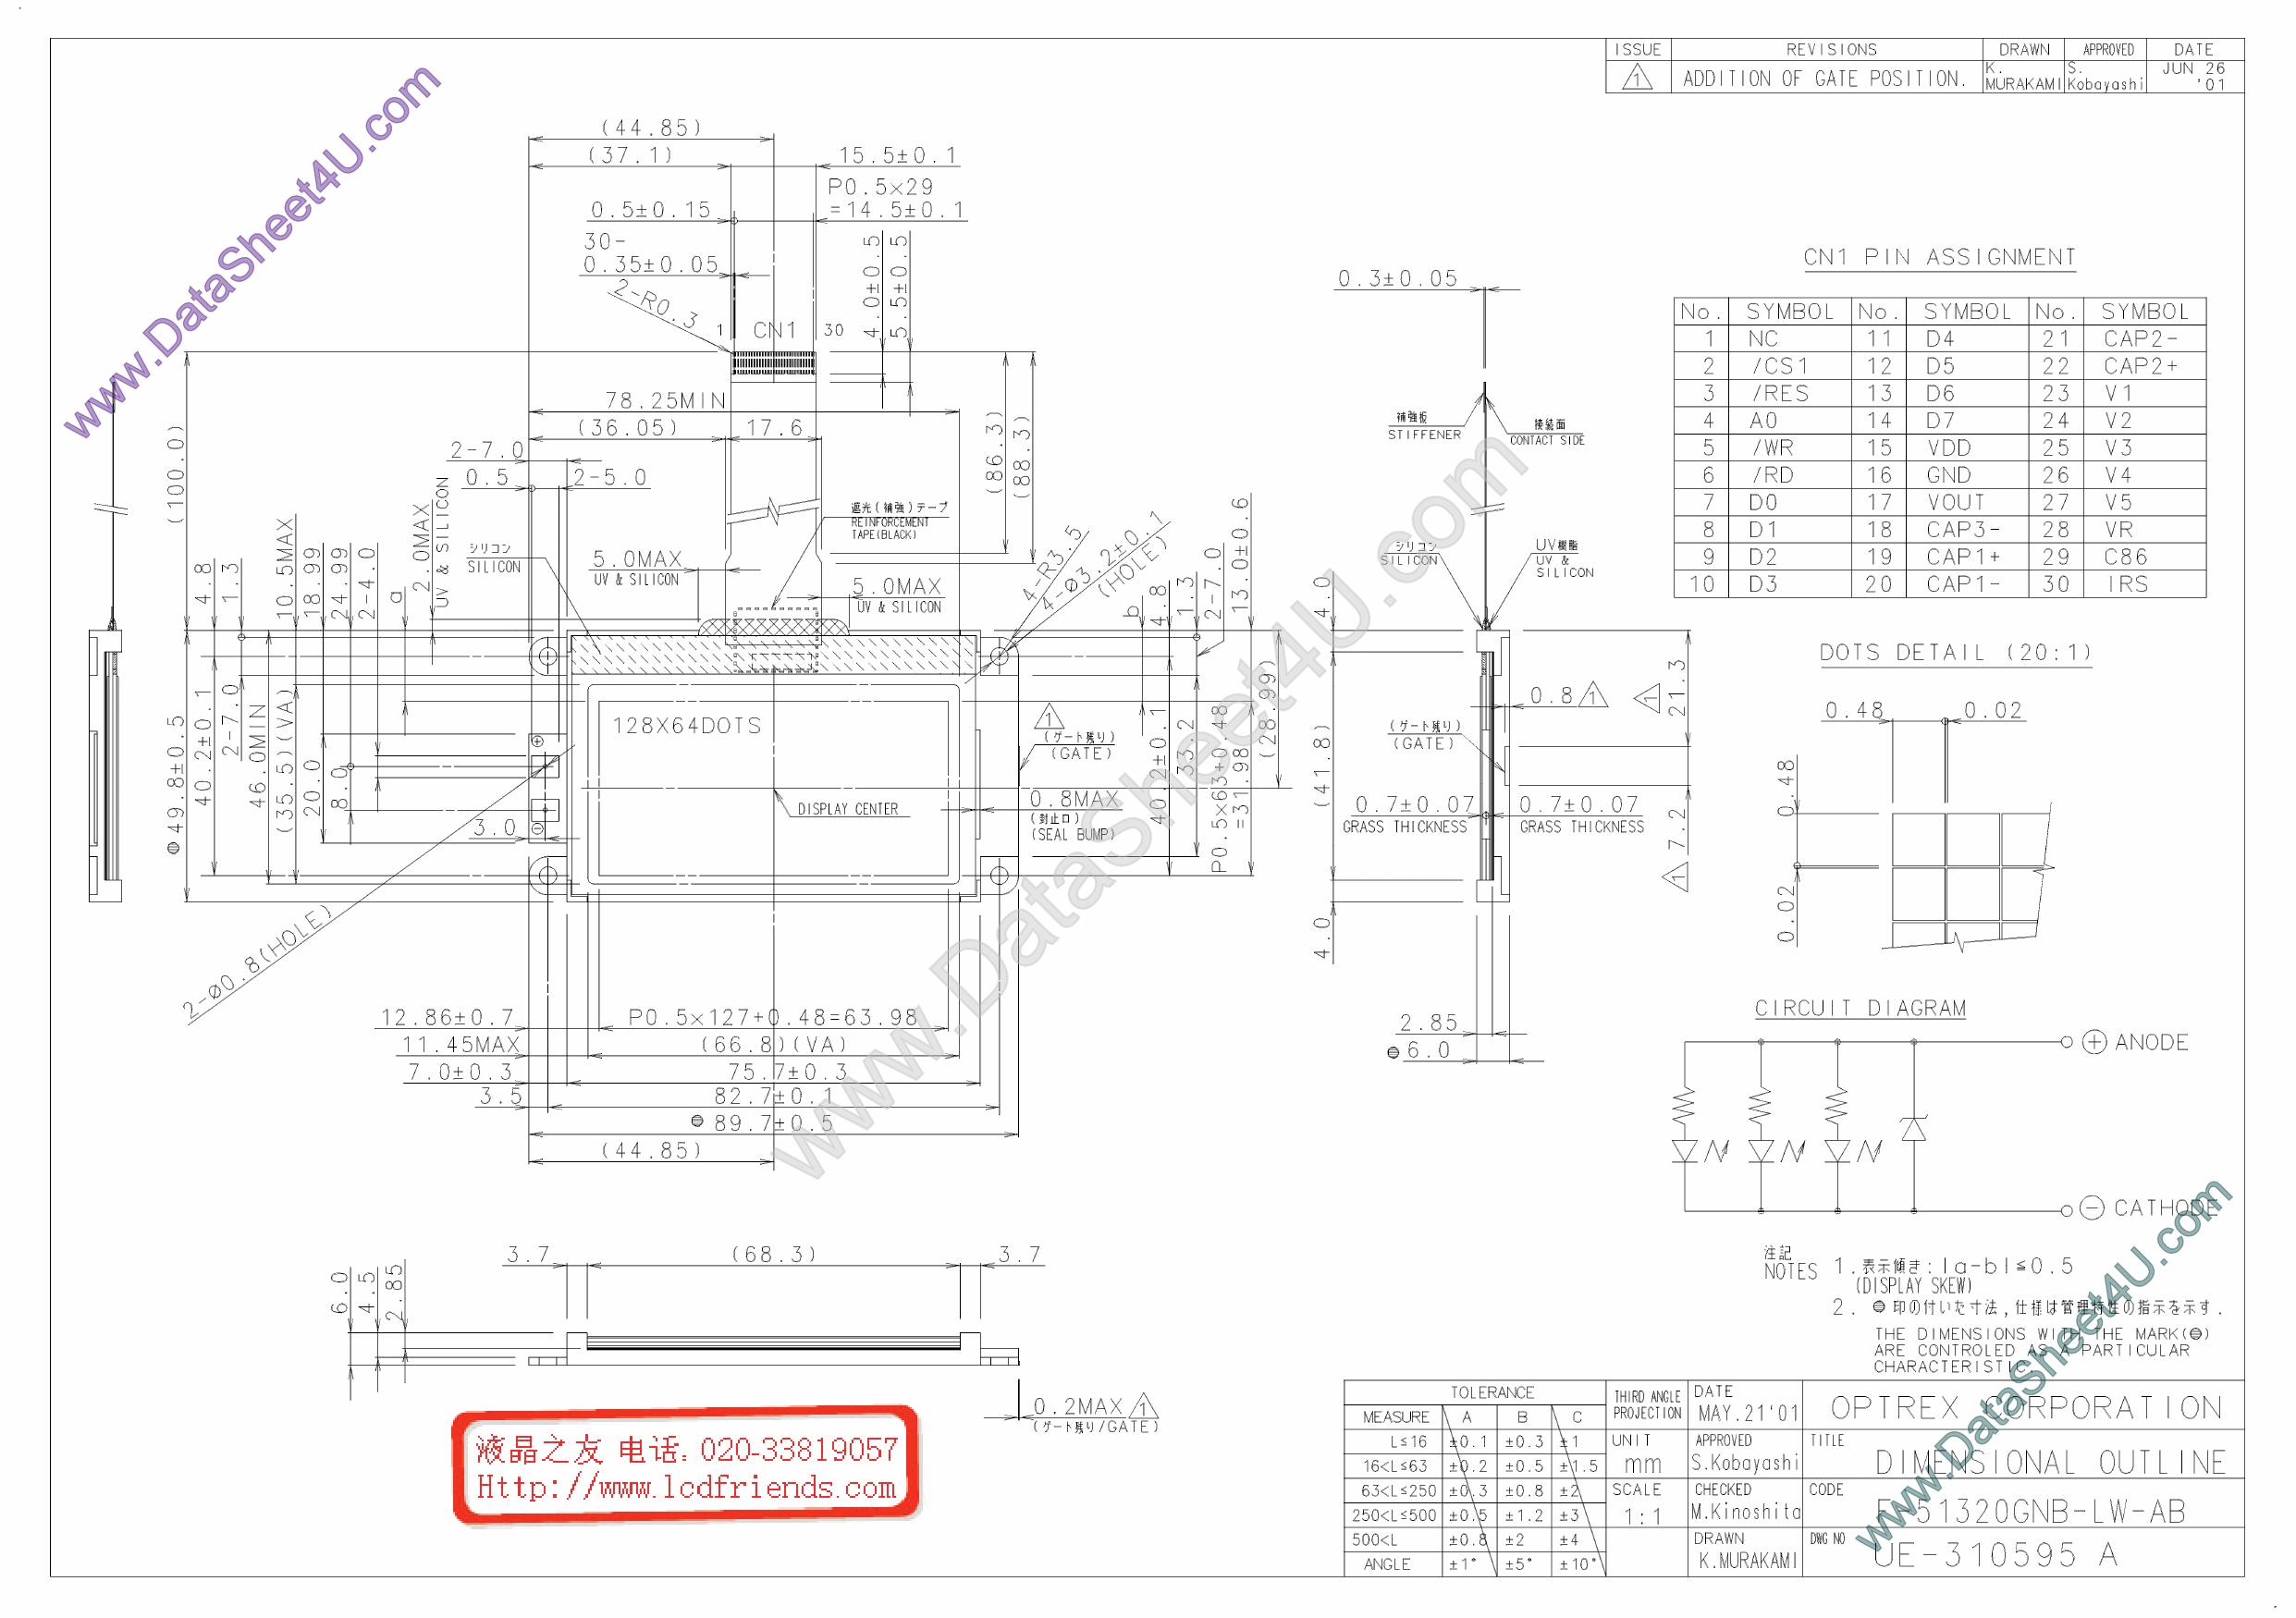 F-51320GNB-LY-AB Hoja de datos, Descripción, Manual